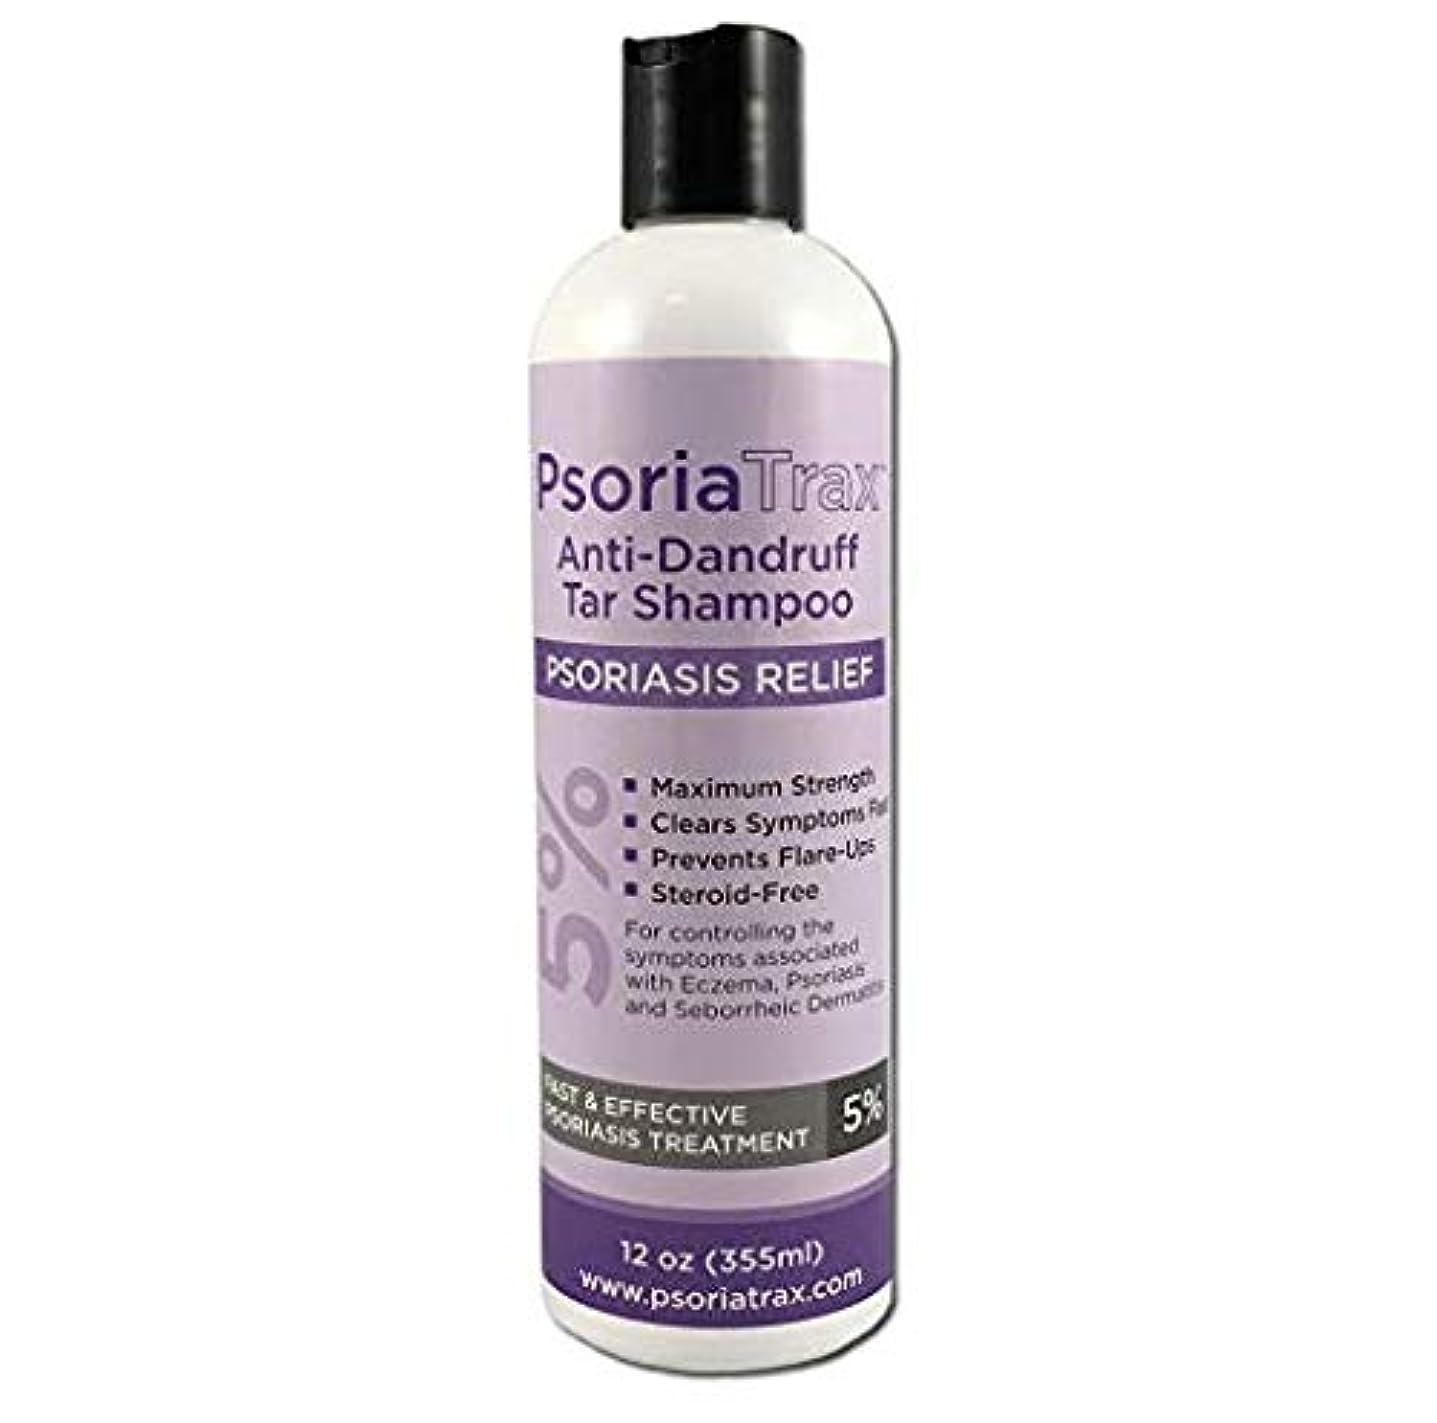 悪魔固執慣らす5%コールタール含有 かん癬用シャンプー Coal Tar Psoriasis Shampoo Psoriatrax 25% Coal Tar Solution 12oz Bottles- Psoriasis - Equivalent...